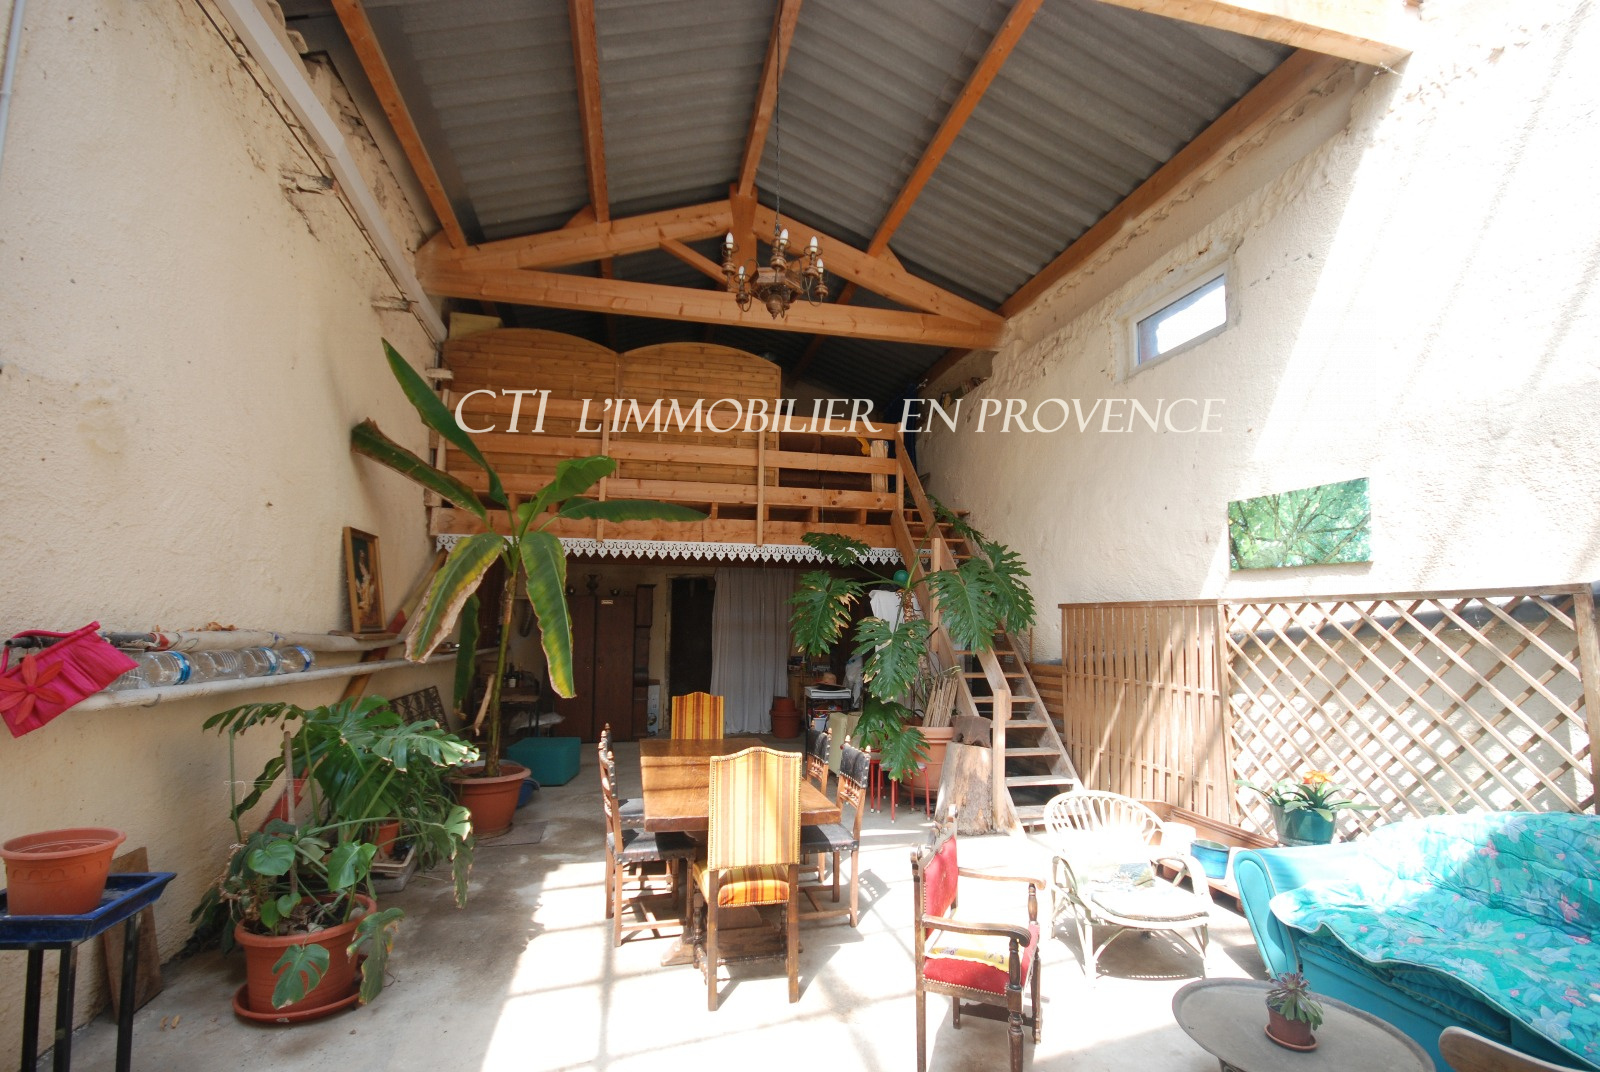 0 www.cti-provence.net, vente ferme du 18ème plusieurs corps de bâtiments, grand terrai